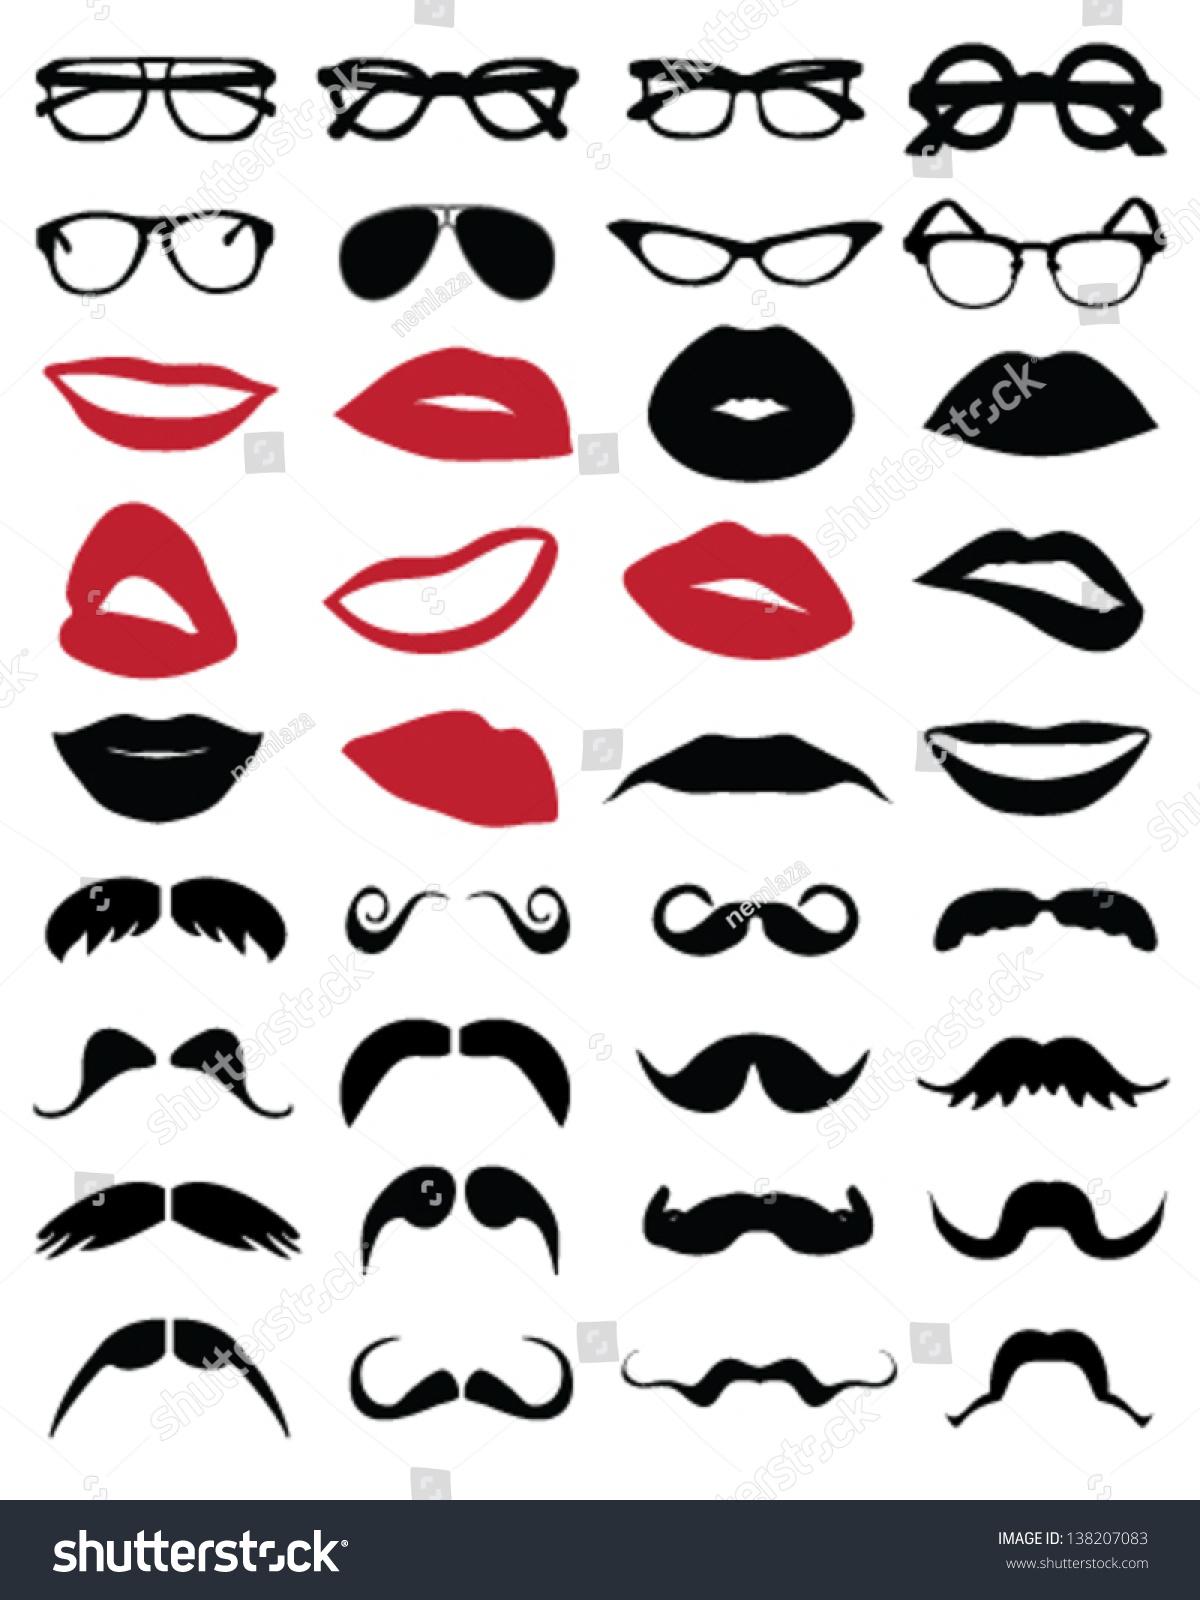 剪影的胡子,眼镜和嘴唇矢量-背景/素材